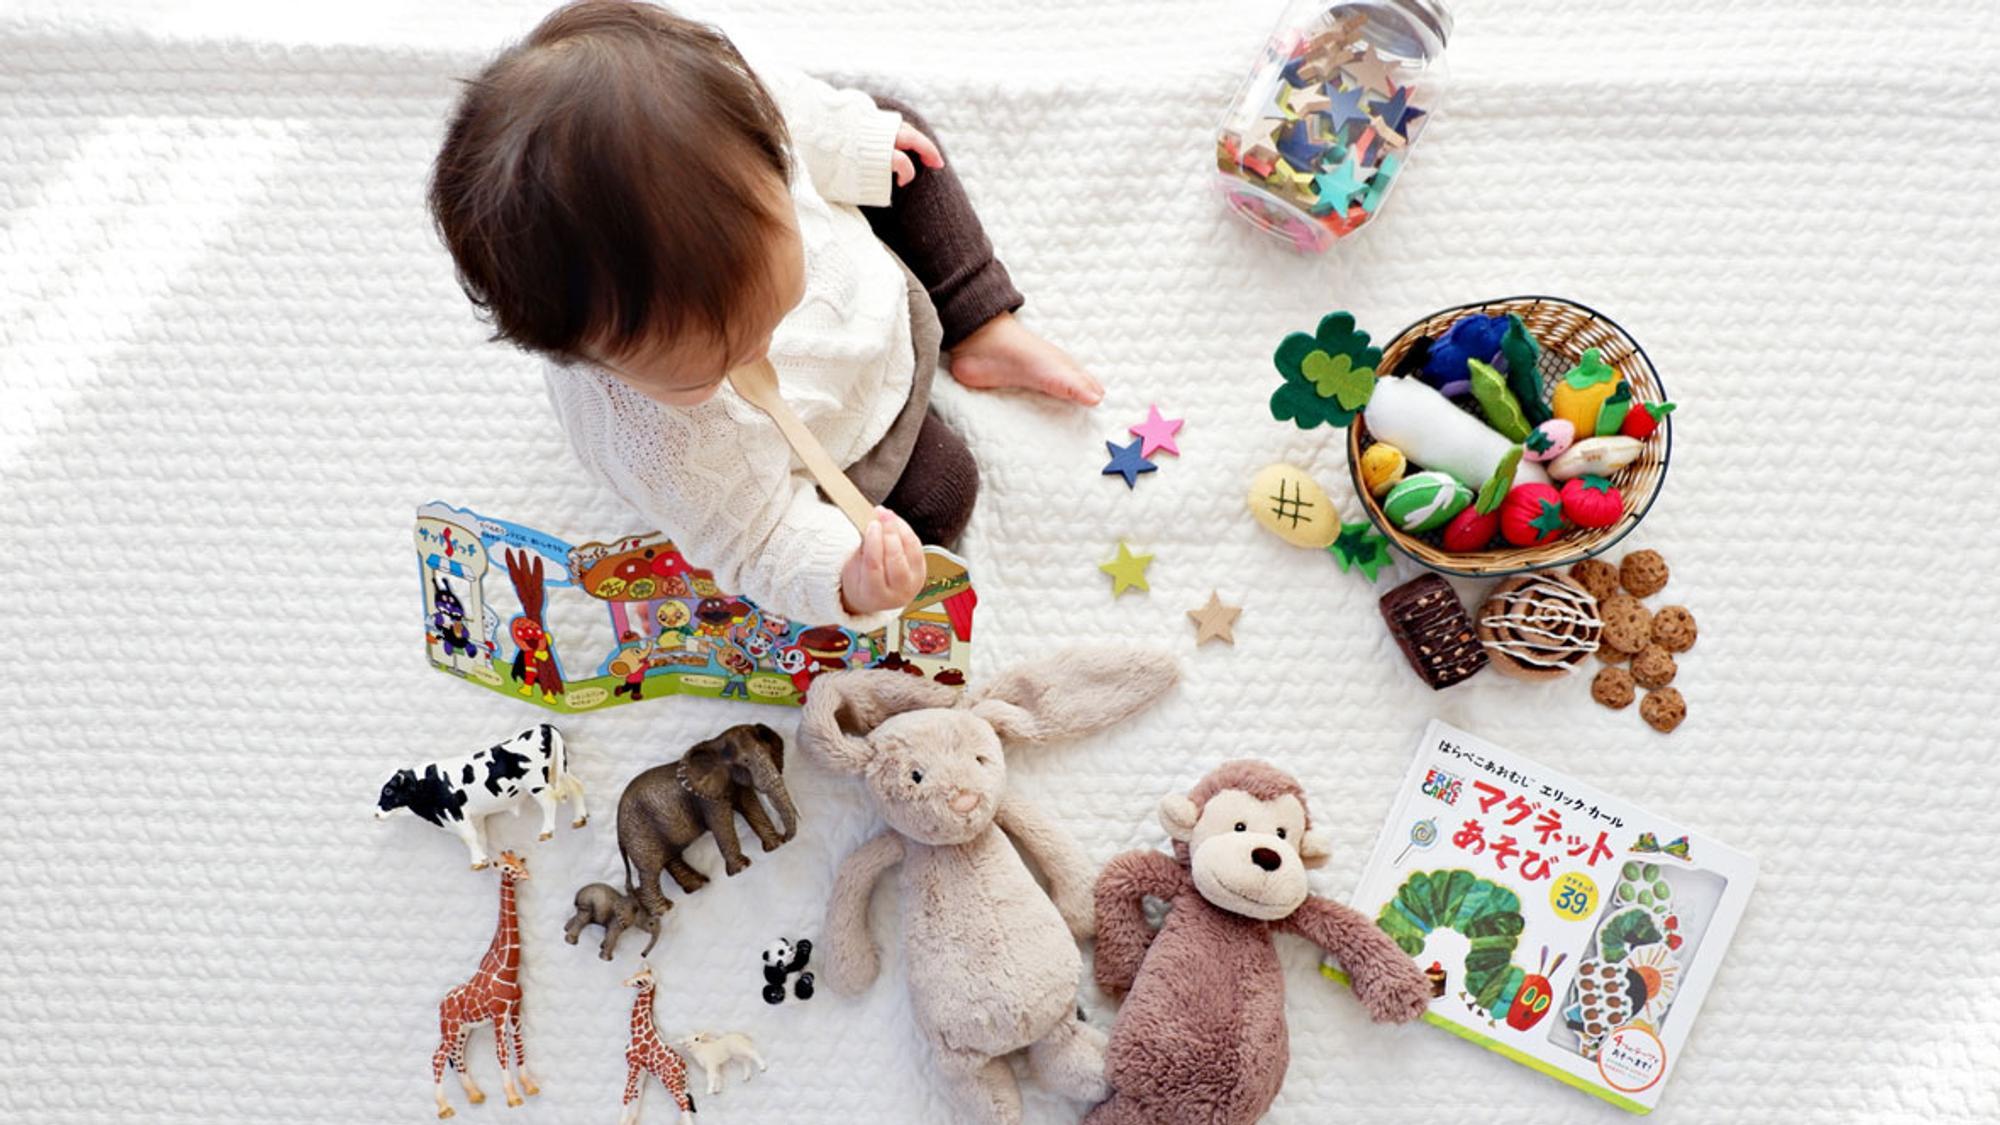 Wie kann ich sicher sein, dass das Spielzeug für mein Kind ungefährlich ist? Siegel können da Orientierung bieten.